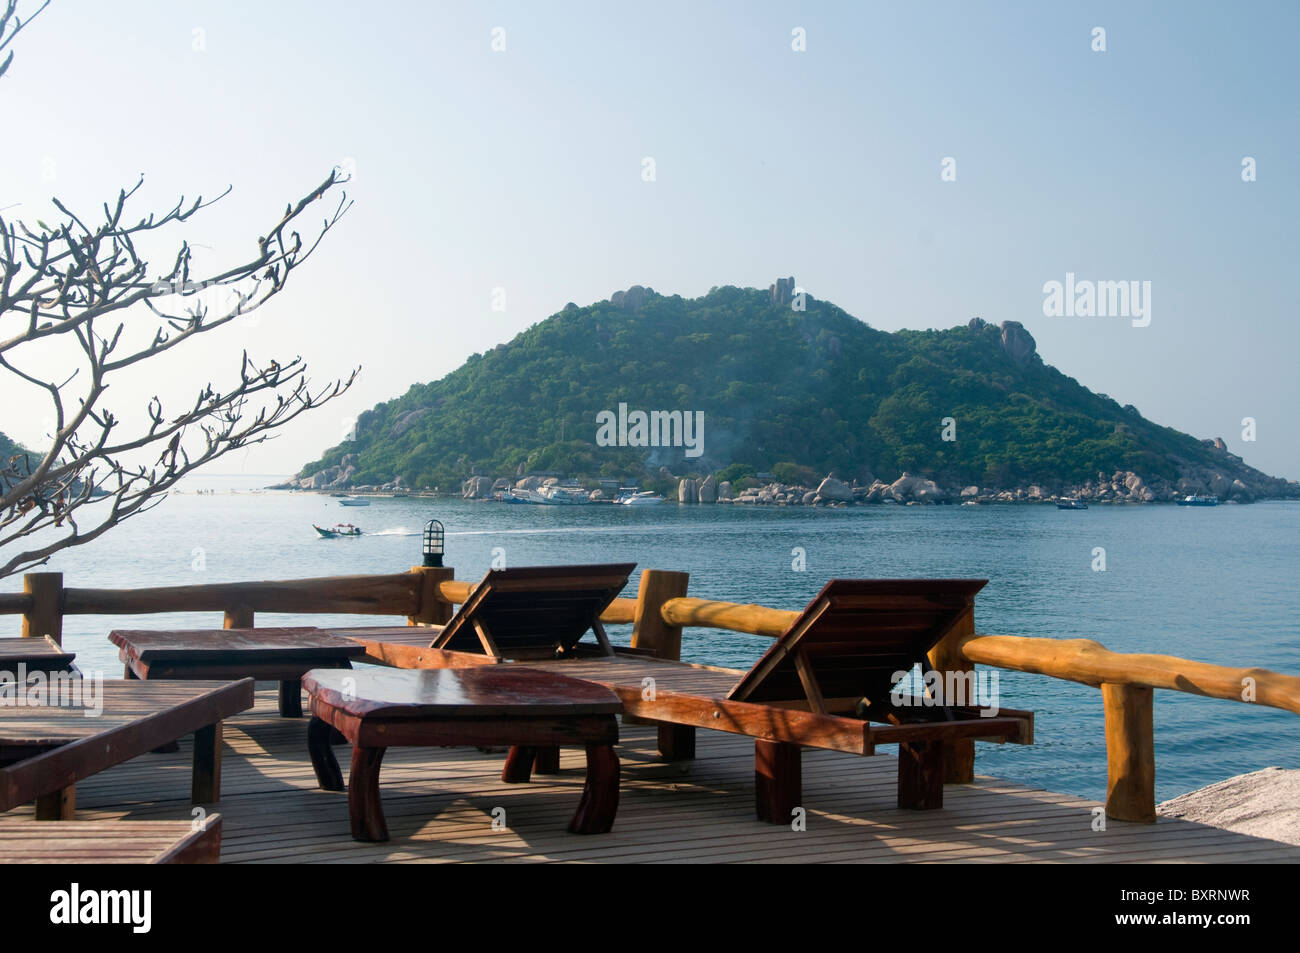 Thailand, Ko Tao, Ko Nang Yuan as seen from the Nangyuan Terrace at the northern end of Ko Tao - Stock Image